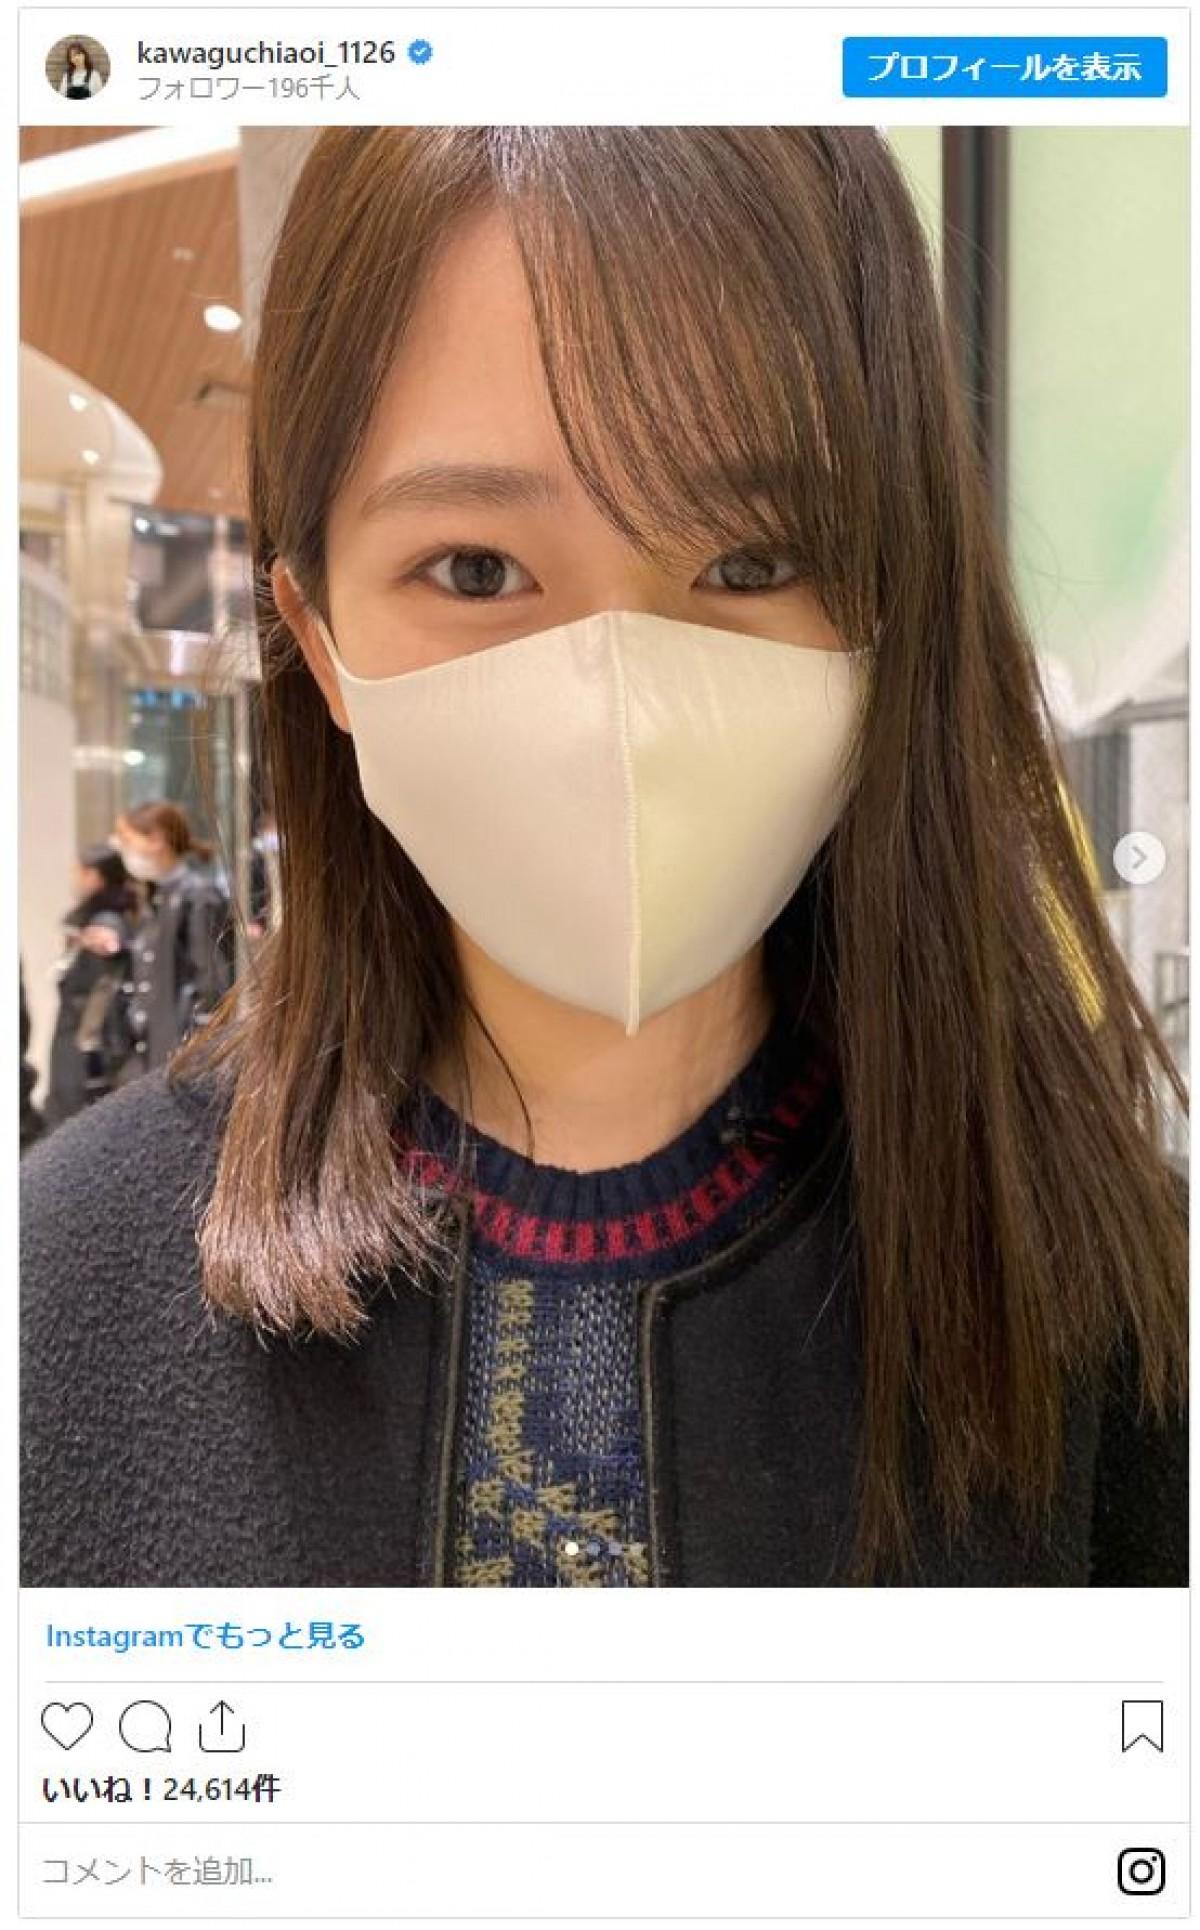 『ボンビーガール』川口葵、キュートなマスク姿 接近ショットにファンもん絶 /2020年12月5日 - エンタメ - ニュース - クランクイン!